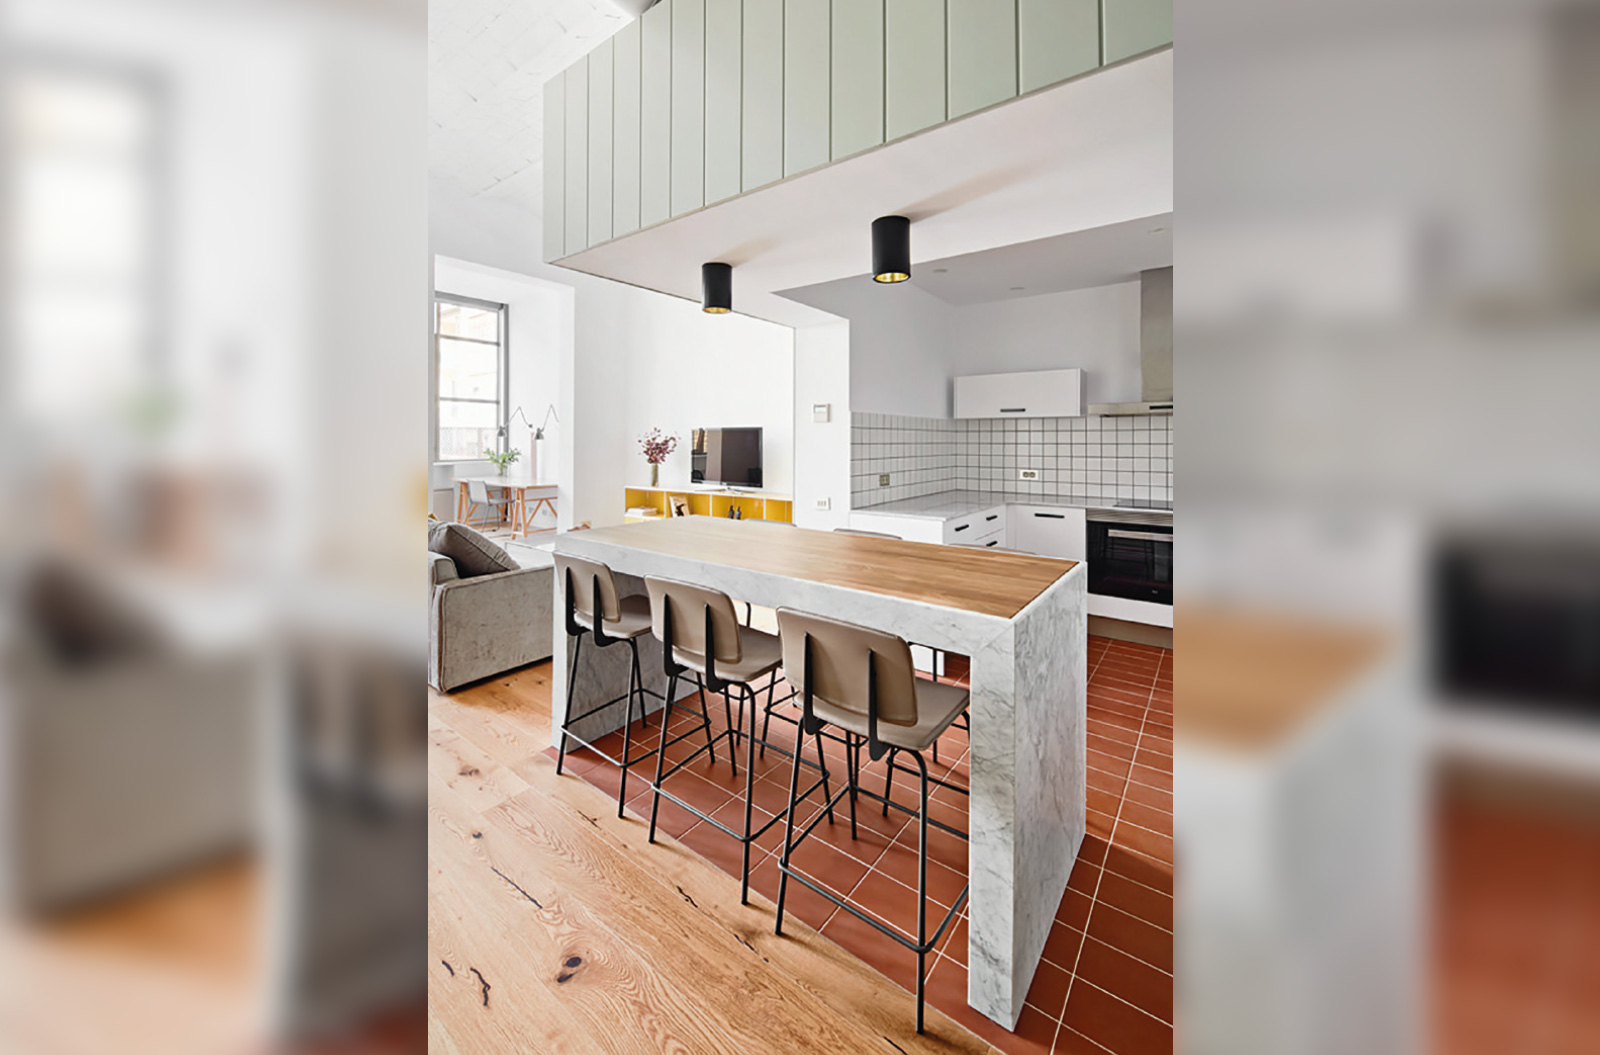 Ser arquitectos e interioristas nos permite entender mejor - Arquitectos interioristas ...